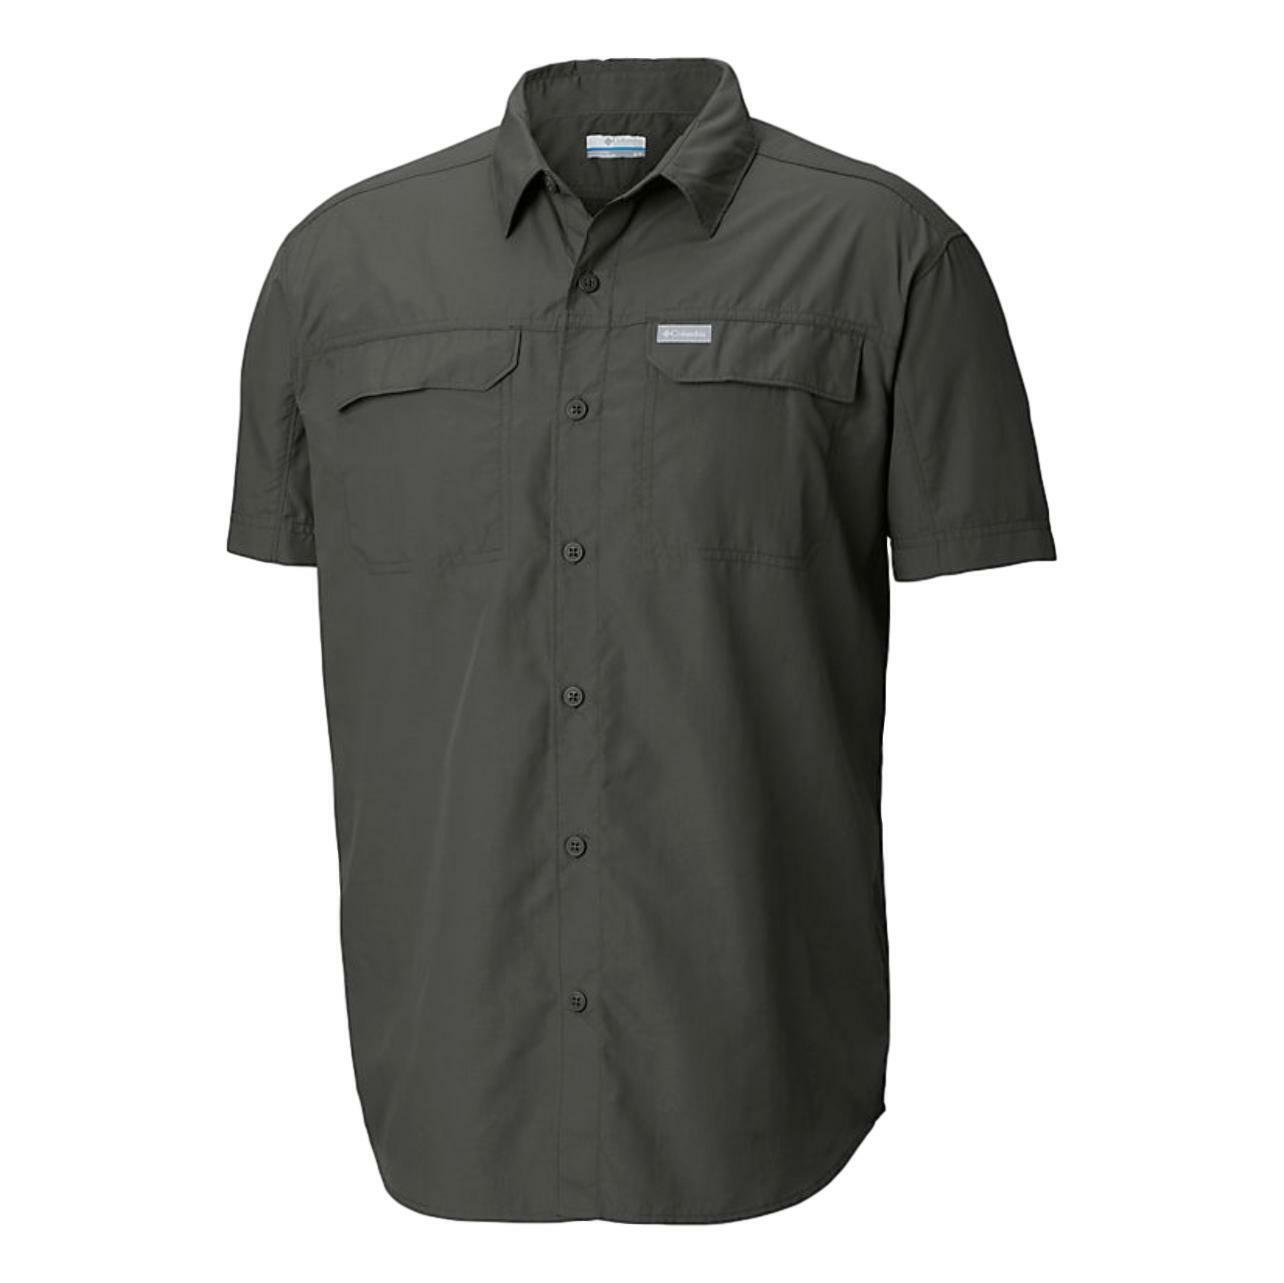 New $60 Columbia mens Kestrel Trail UPF 50 short sleeve wick